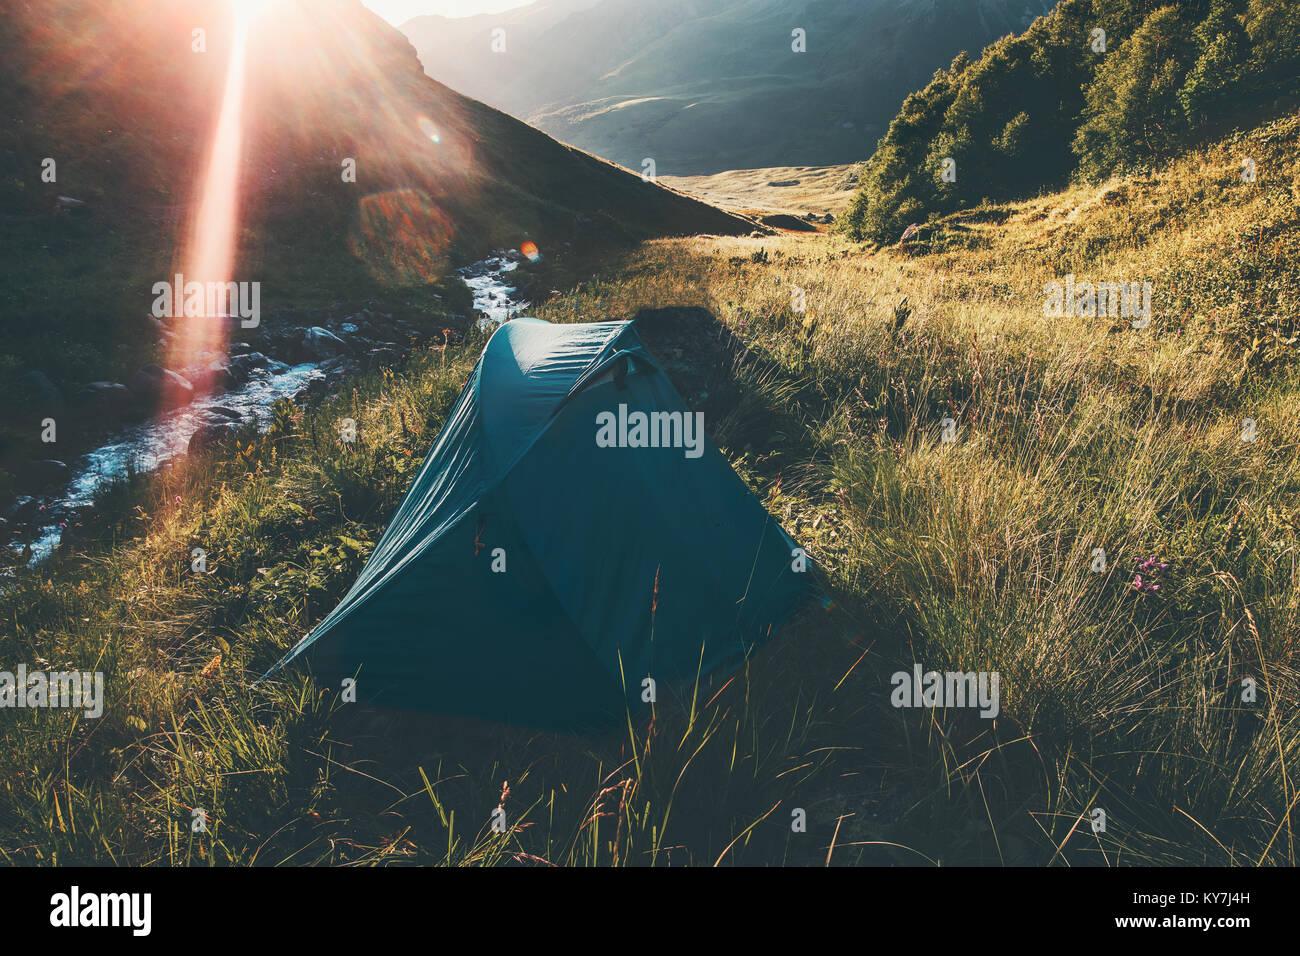 Tende da campeggio a Montagne Paesaggio Lifestyle viaggio concetto Estate Vacanze avventura all'aperto Immagini Stock